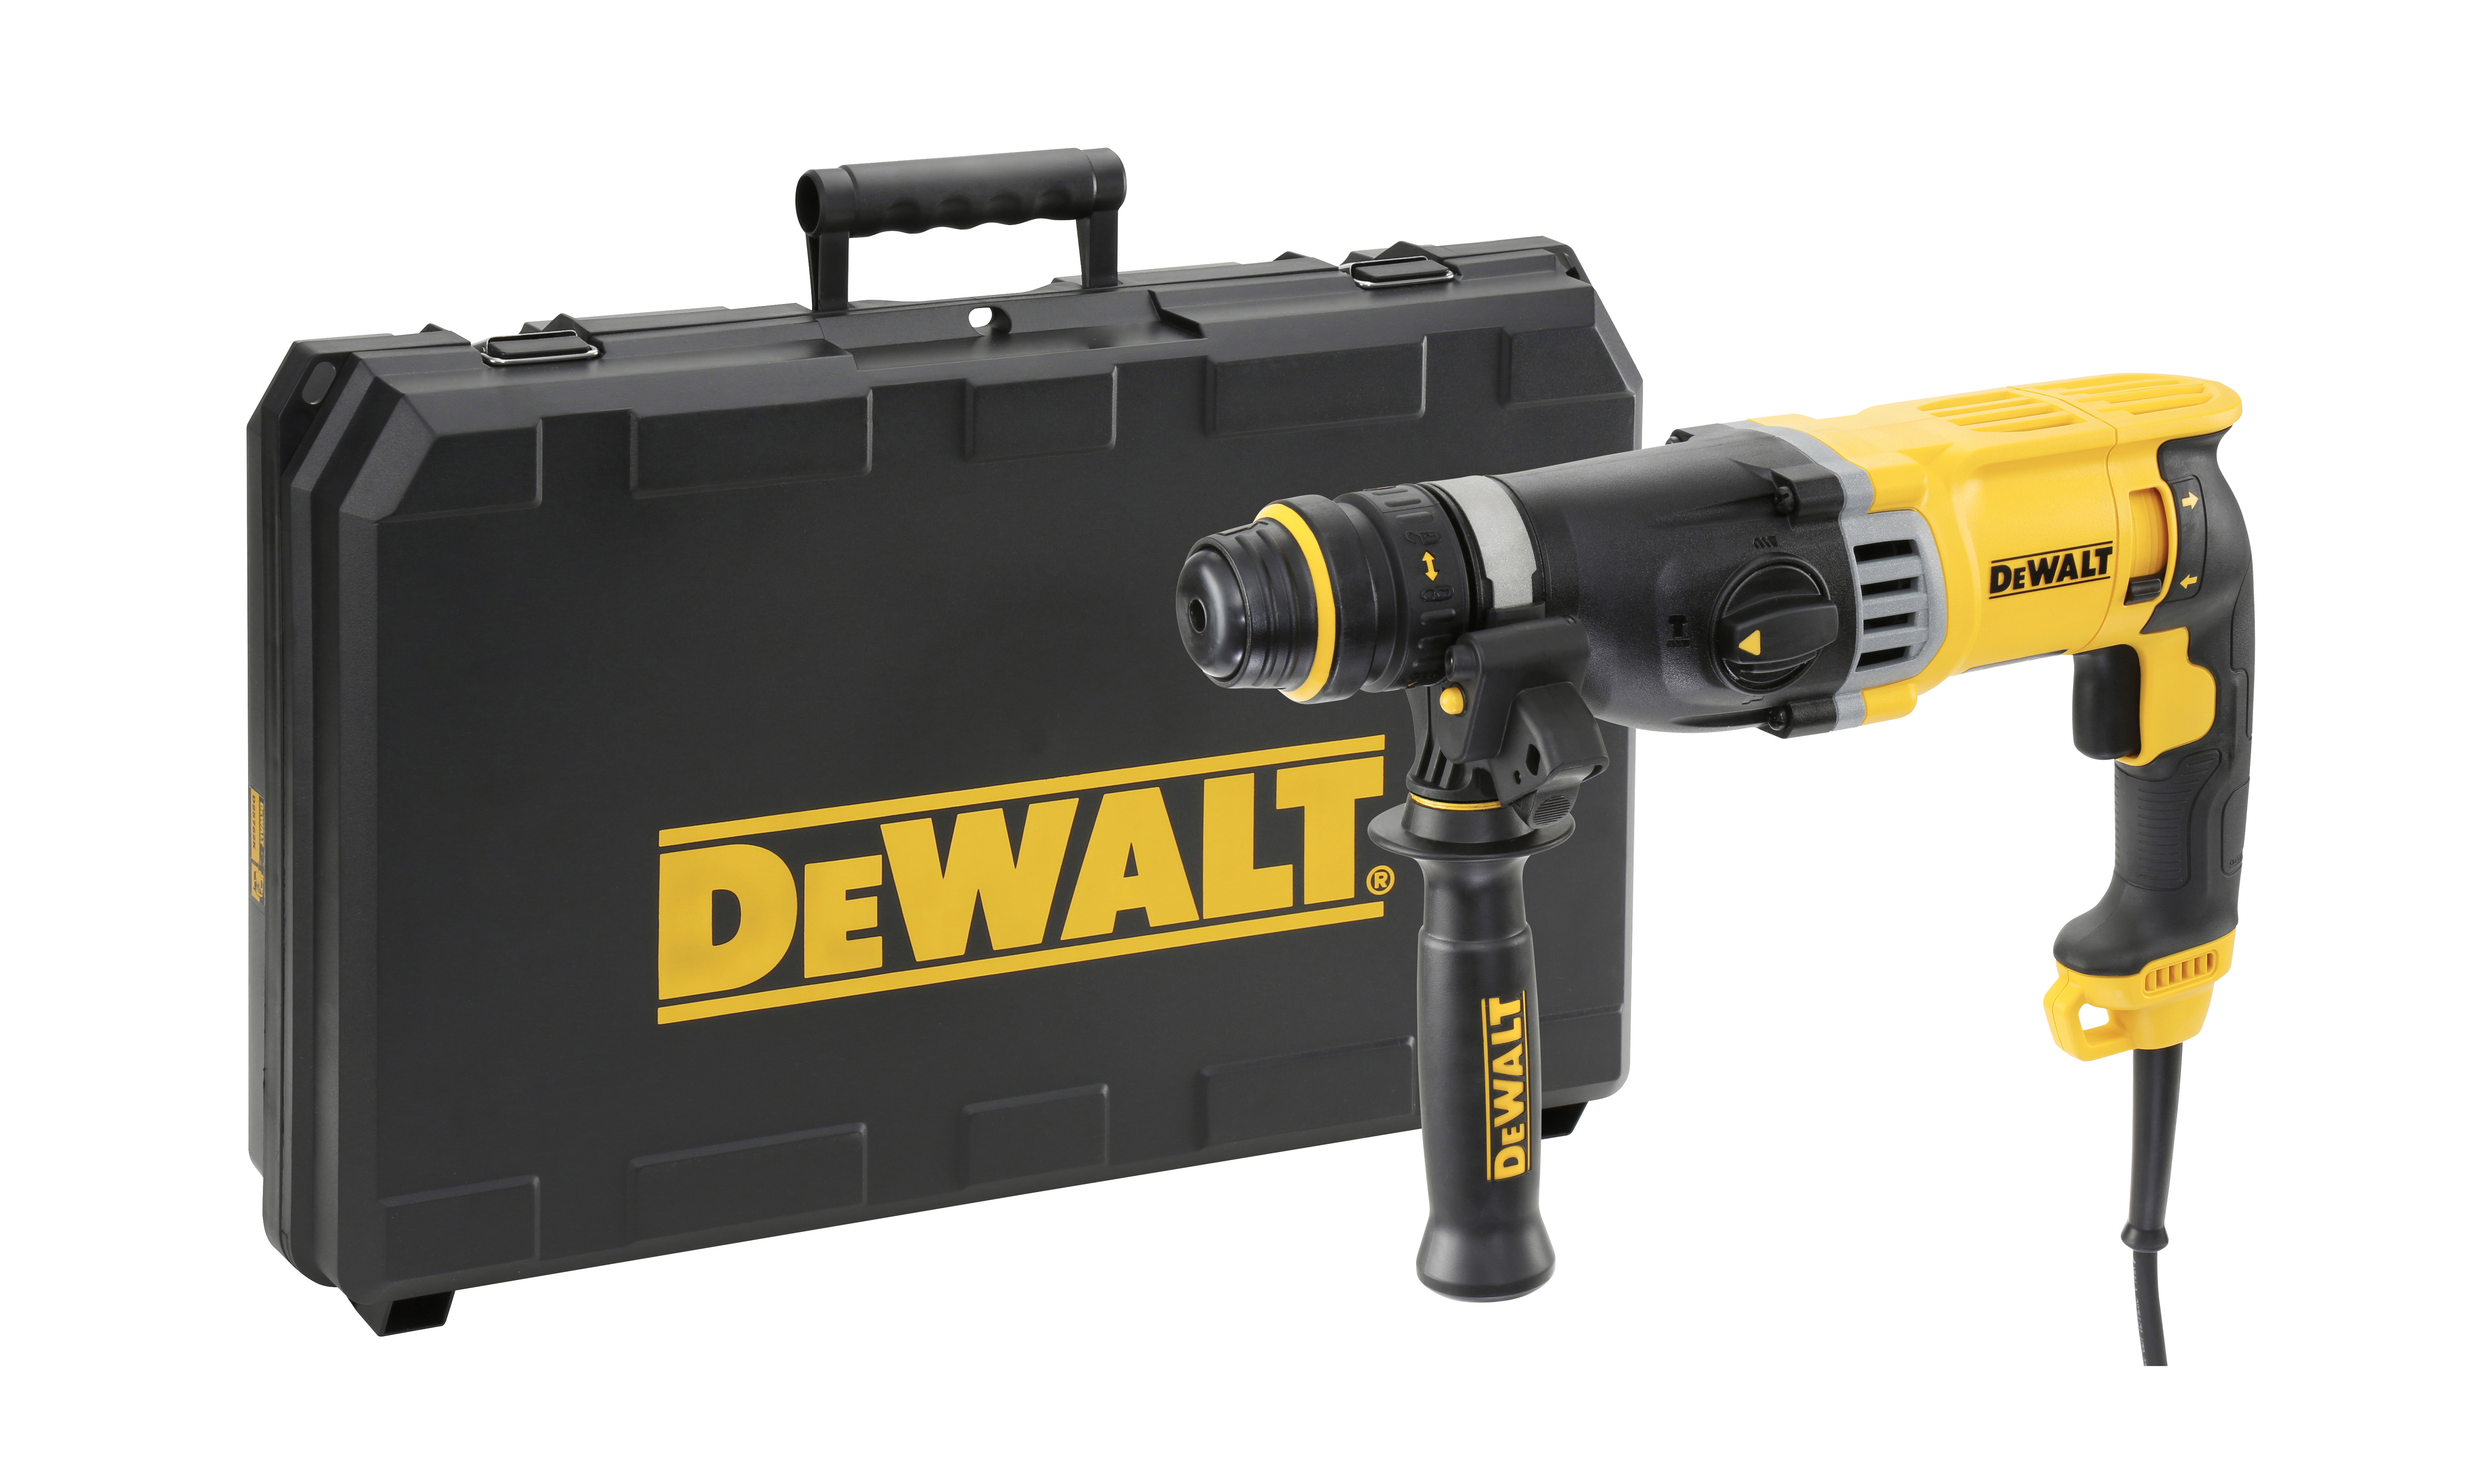 DeWALT D25144K-GB - HD SDS plus Comb. Hammer with QCC; 28mm; 220V